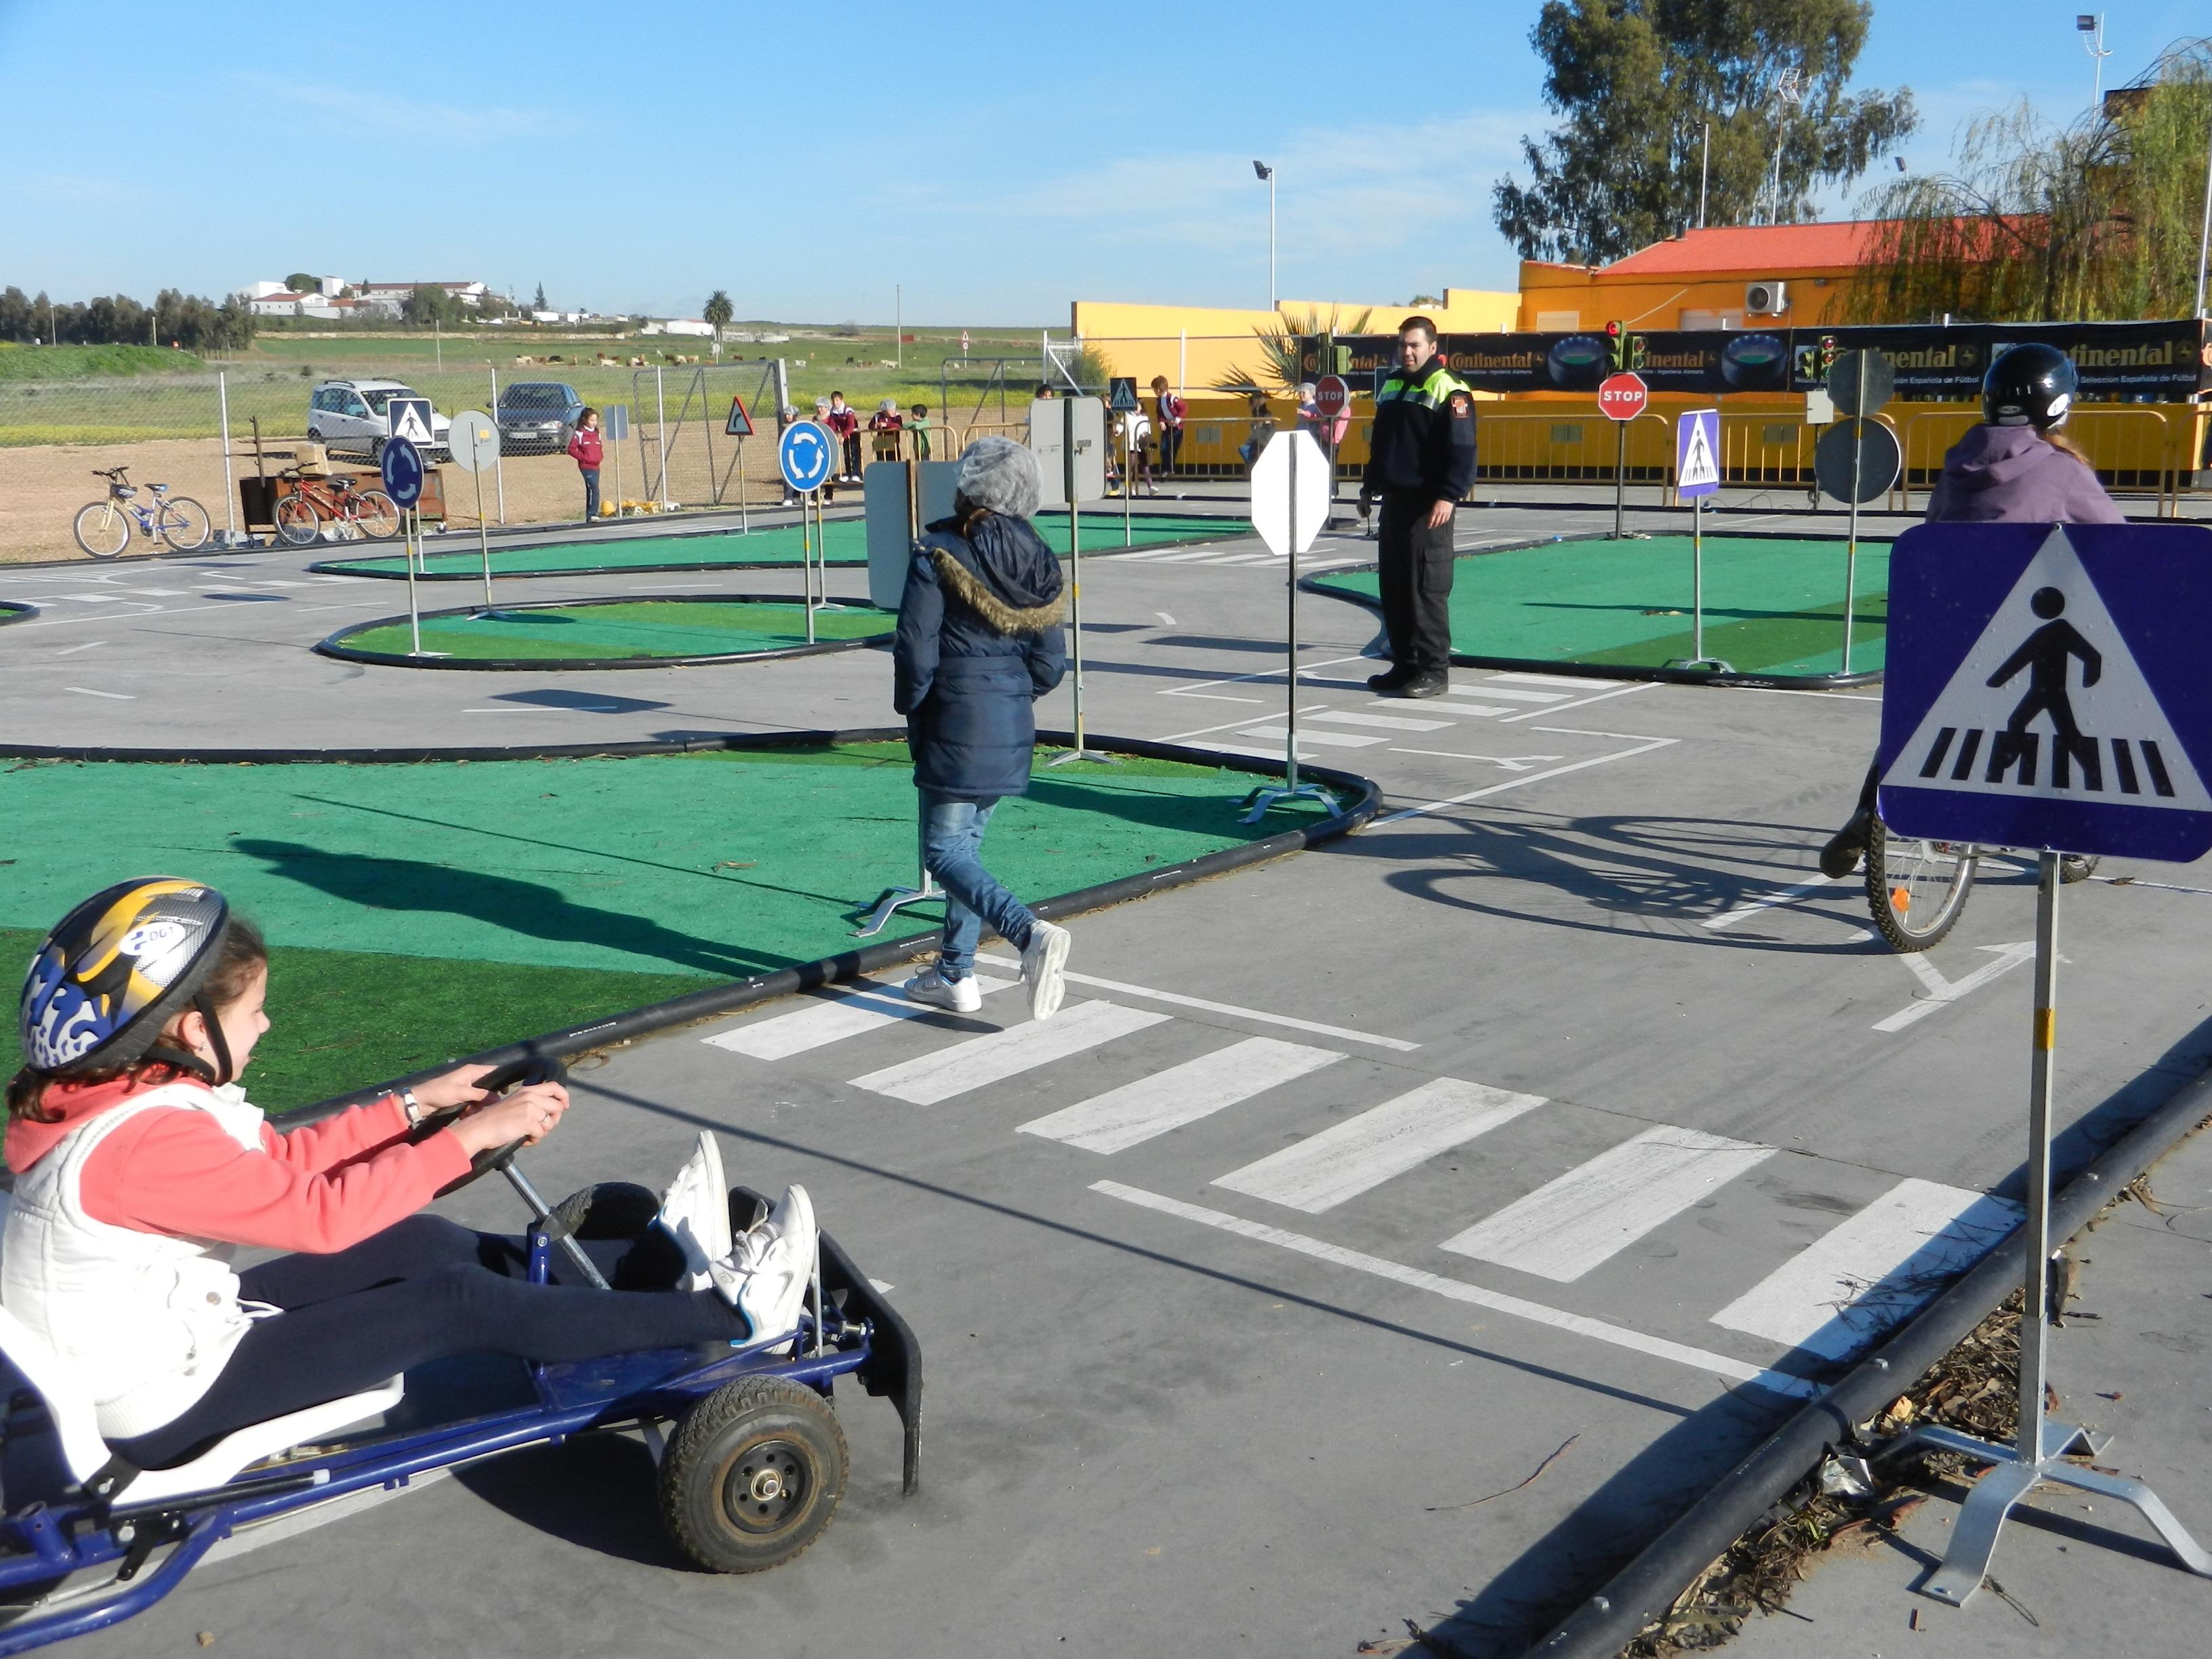 Circuito Vial : Circuito de educación vial en karting olivenza